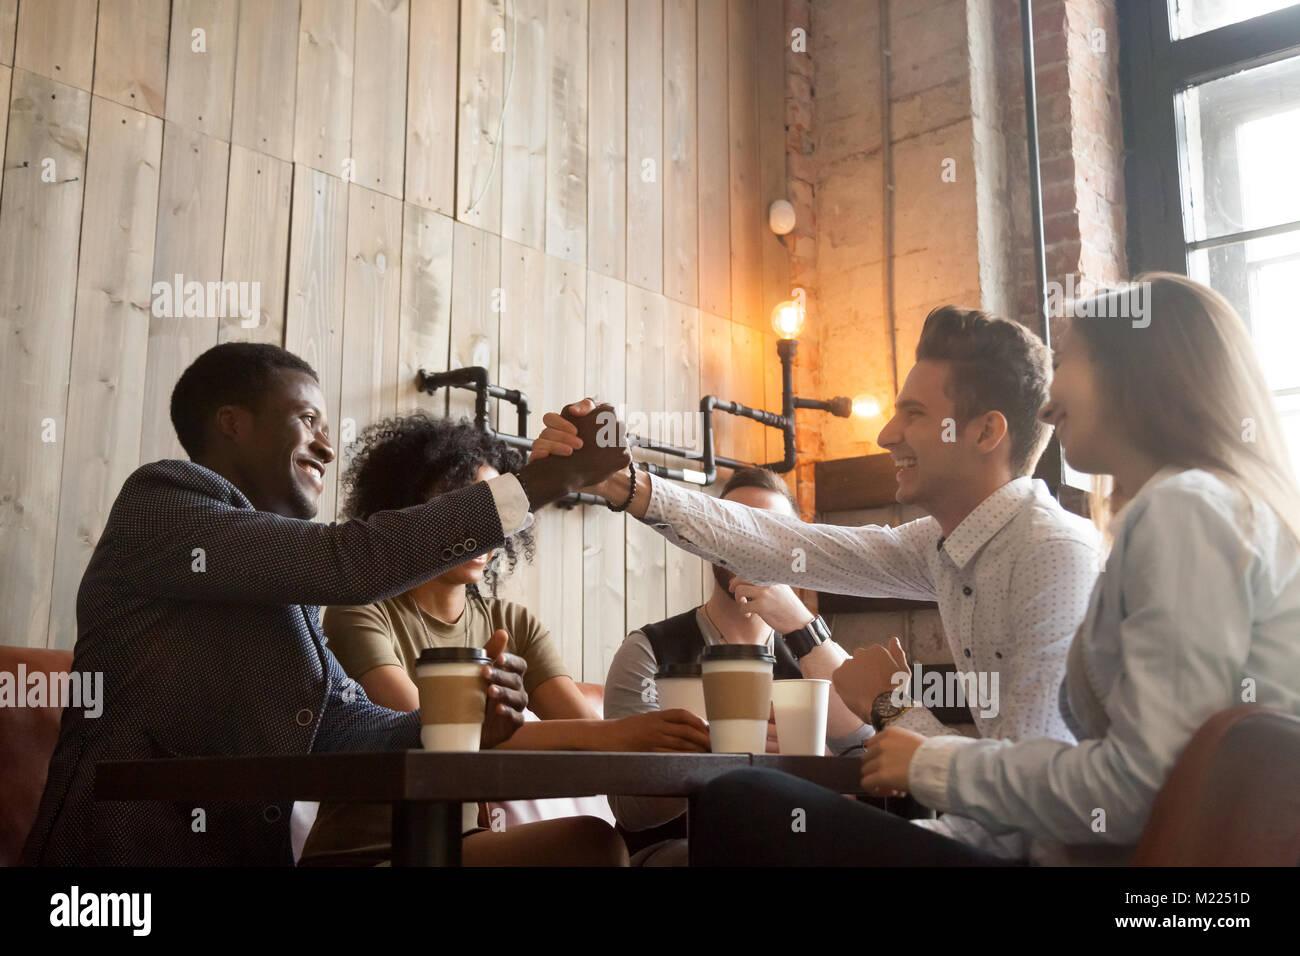 Los hombres caucásicos y africanos handshaking en coffeehouse reunión wit Imagen De Stock